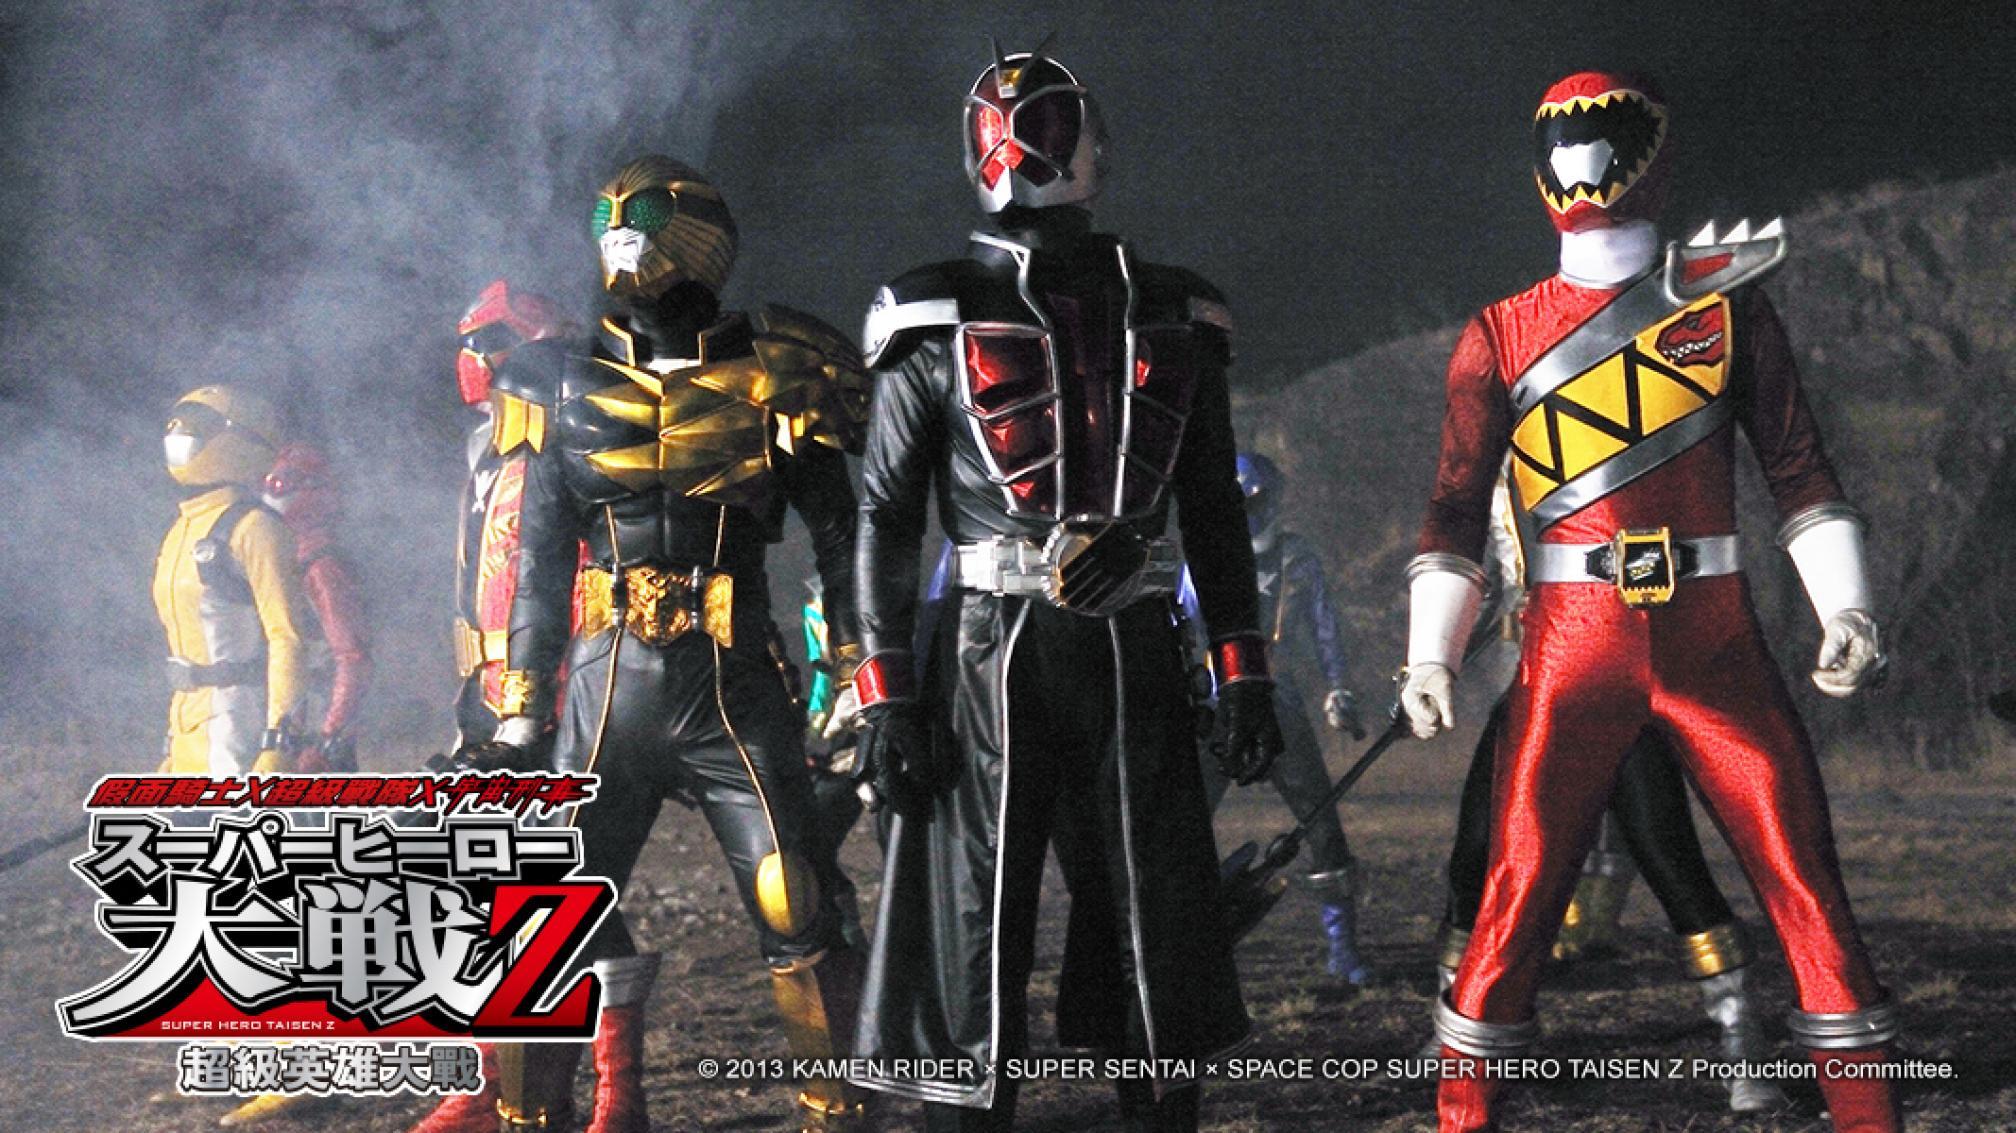 假面騎士X超級戰隊X宇宙刑事_超級英雄大戰Z劇照 1